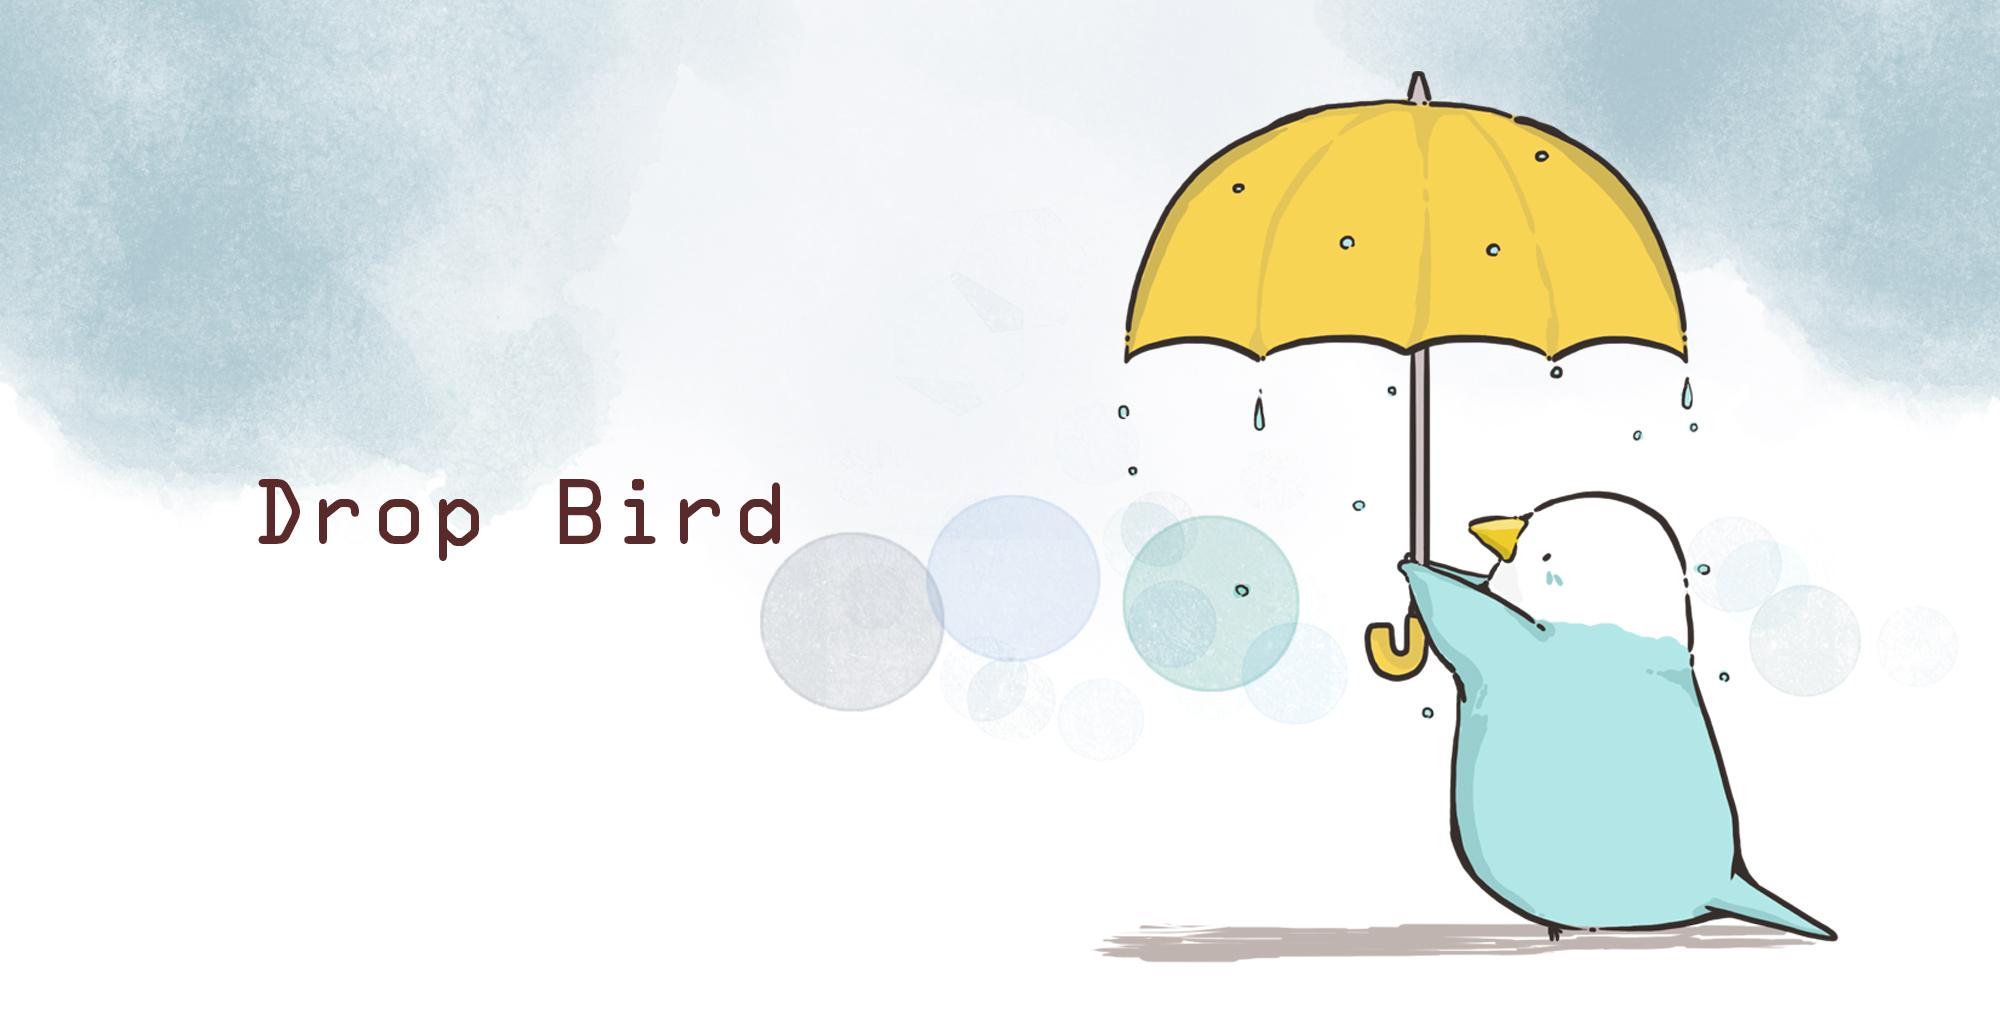 Dropsbird